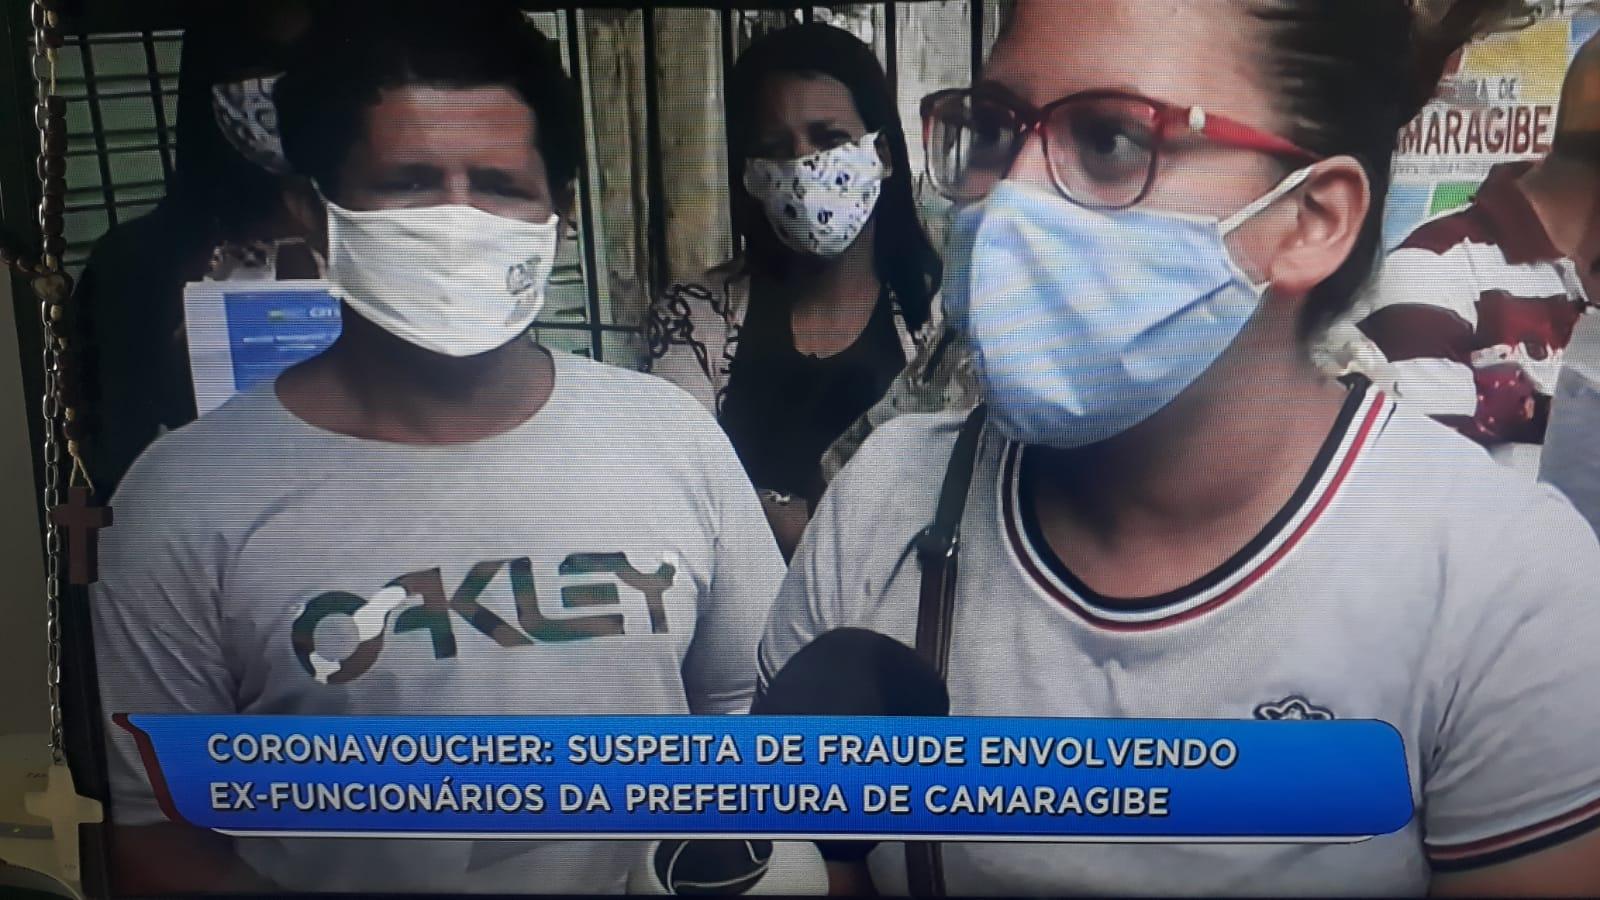 Vídeo: Ex-servidores denunciam possíveis fraudes dentro da Prefeitura de Camaragibe